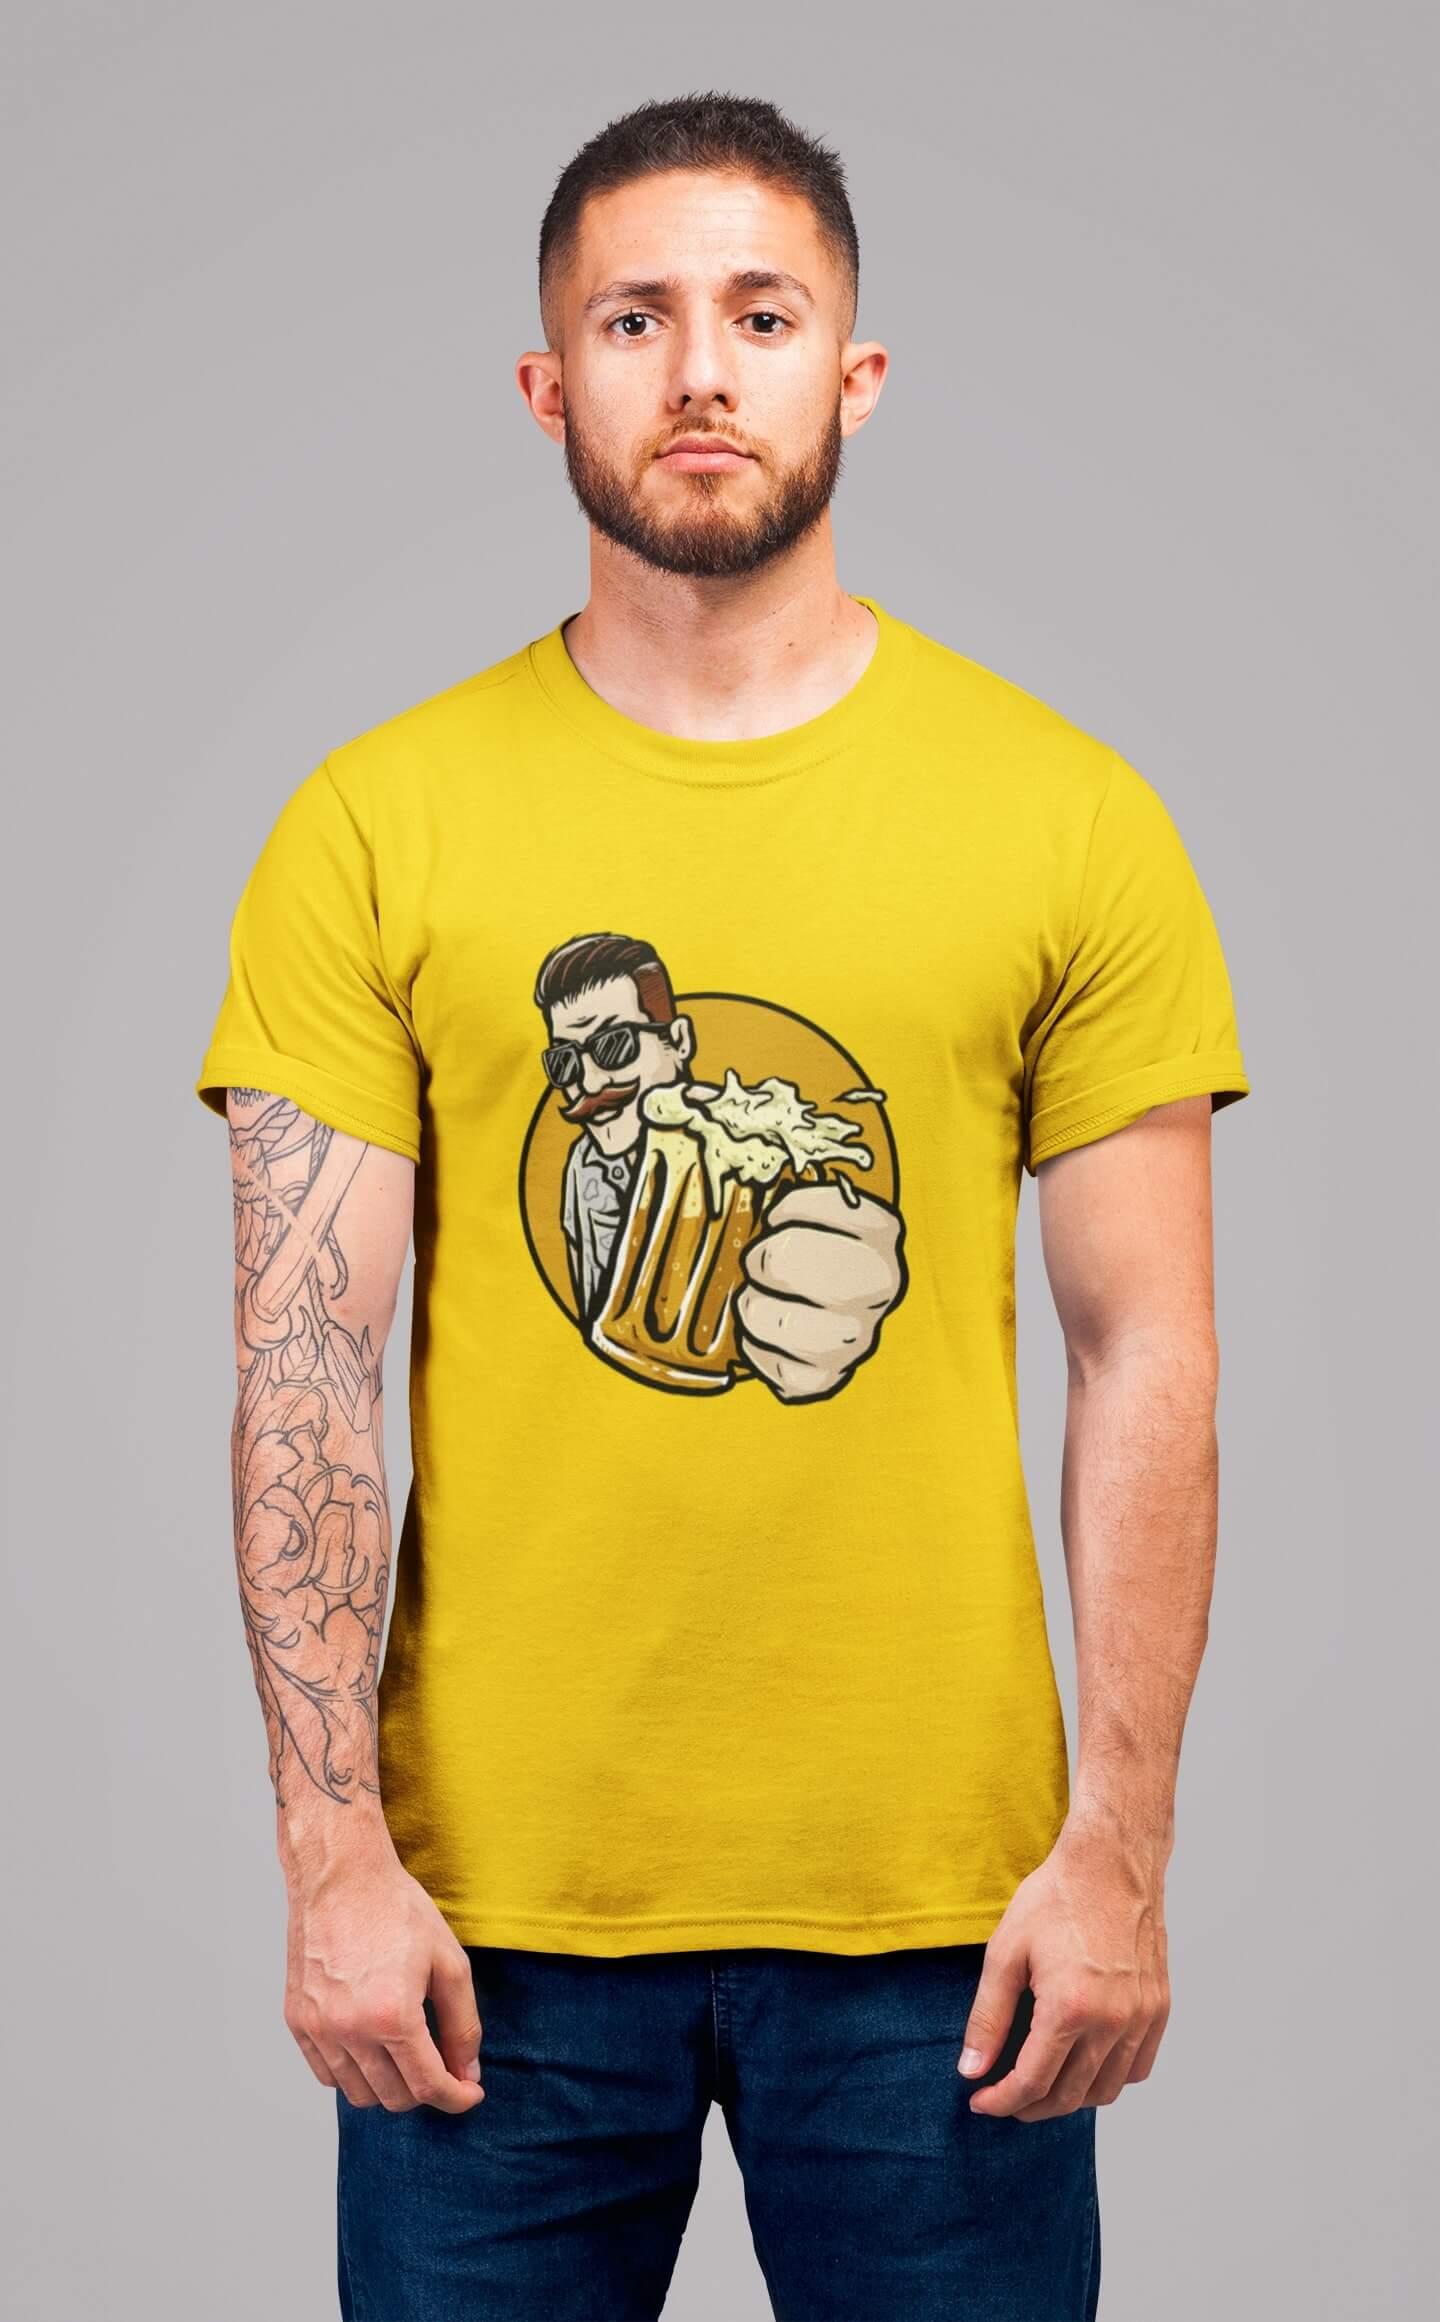 MMO Pánske tričko Chlap s pivom v ruke Vyberte farbu: Žltá, Vyberte veľkosť: L